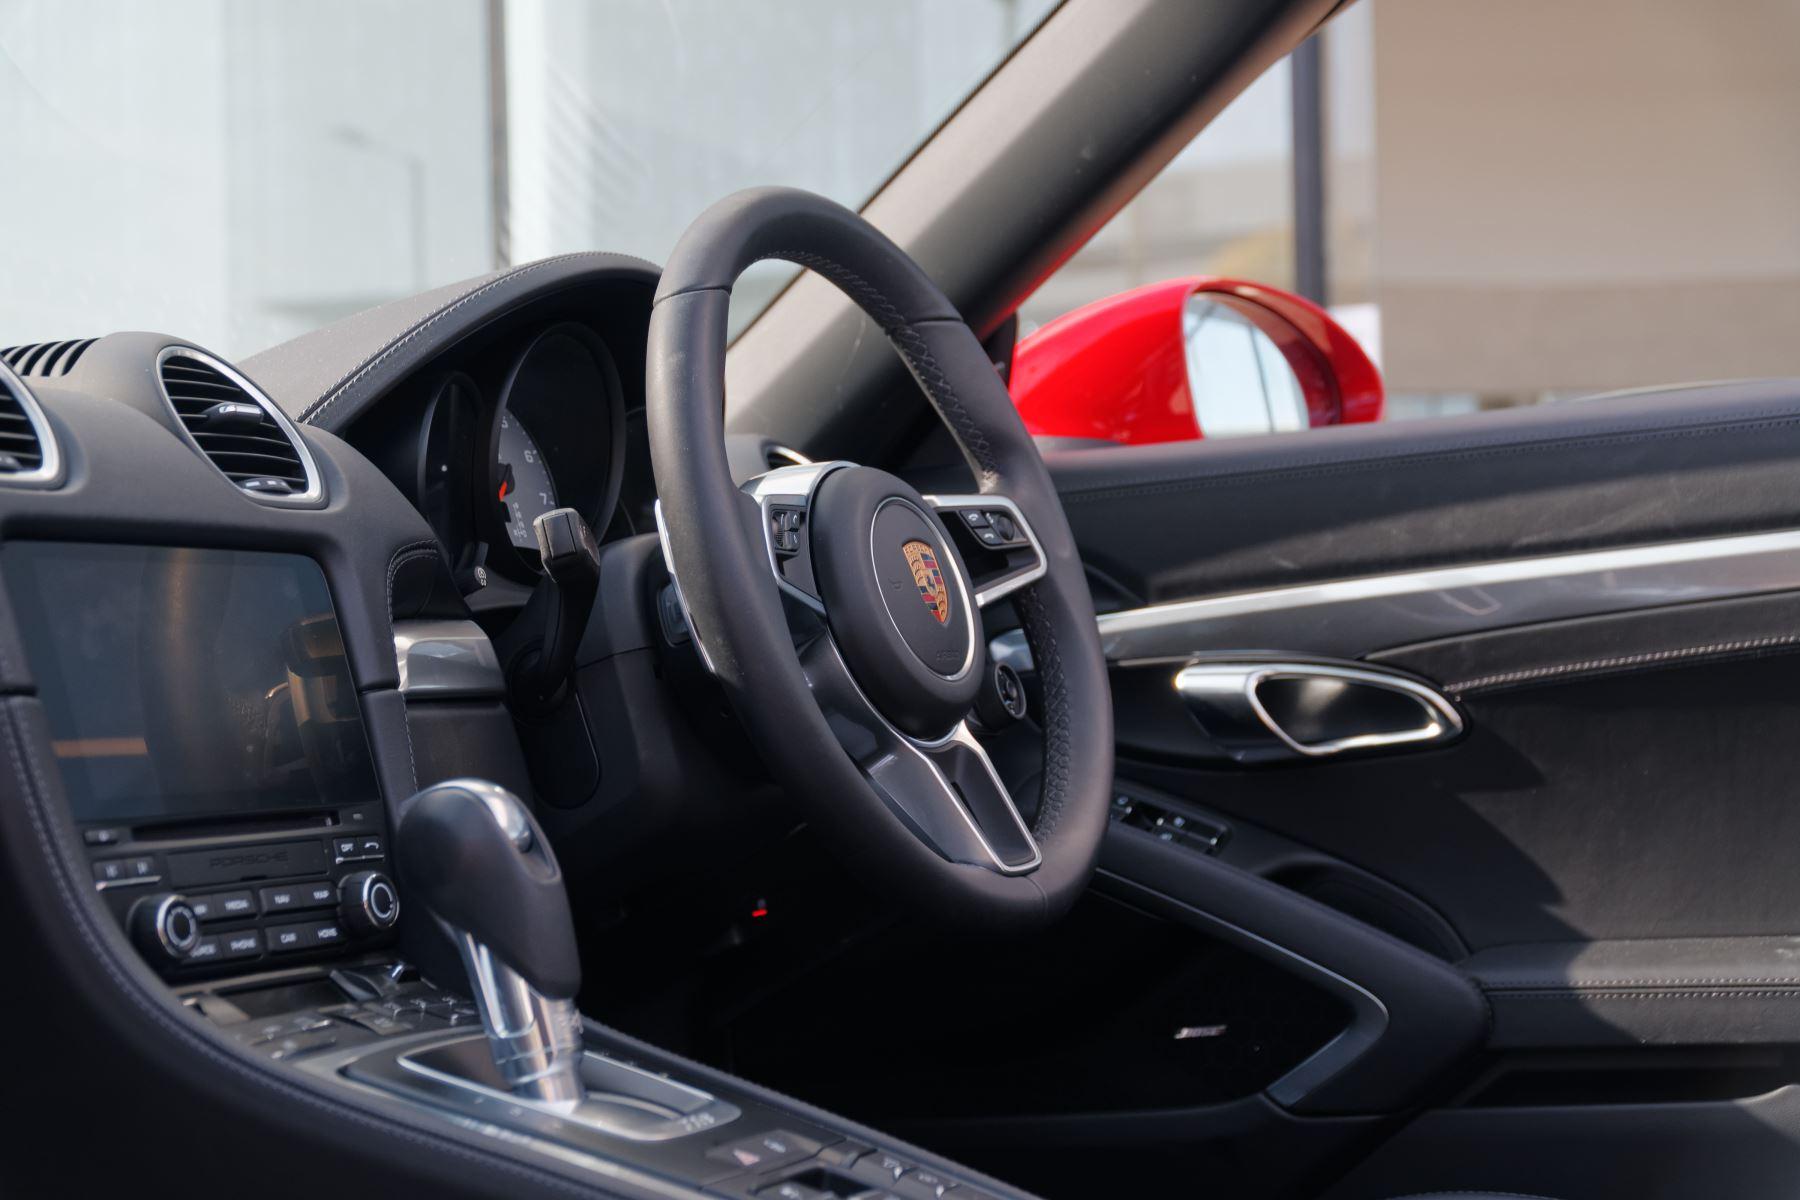 Porsche Boxster S image 33